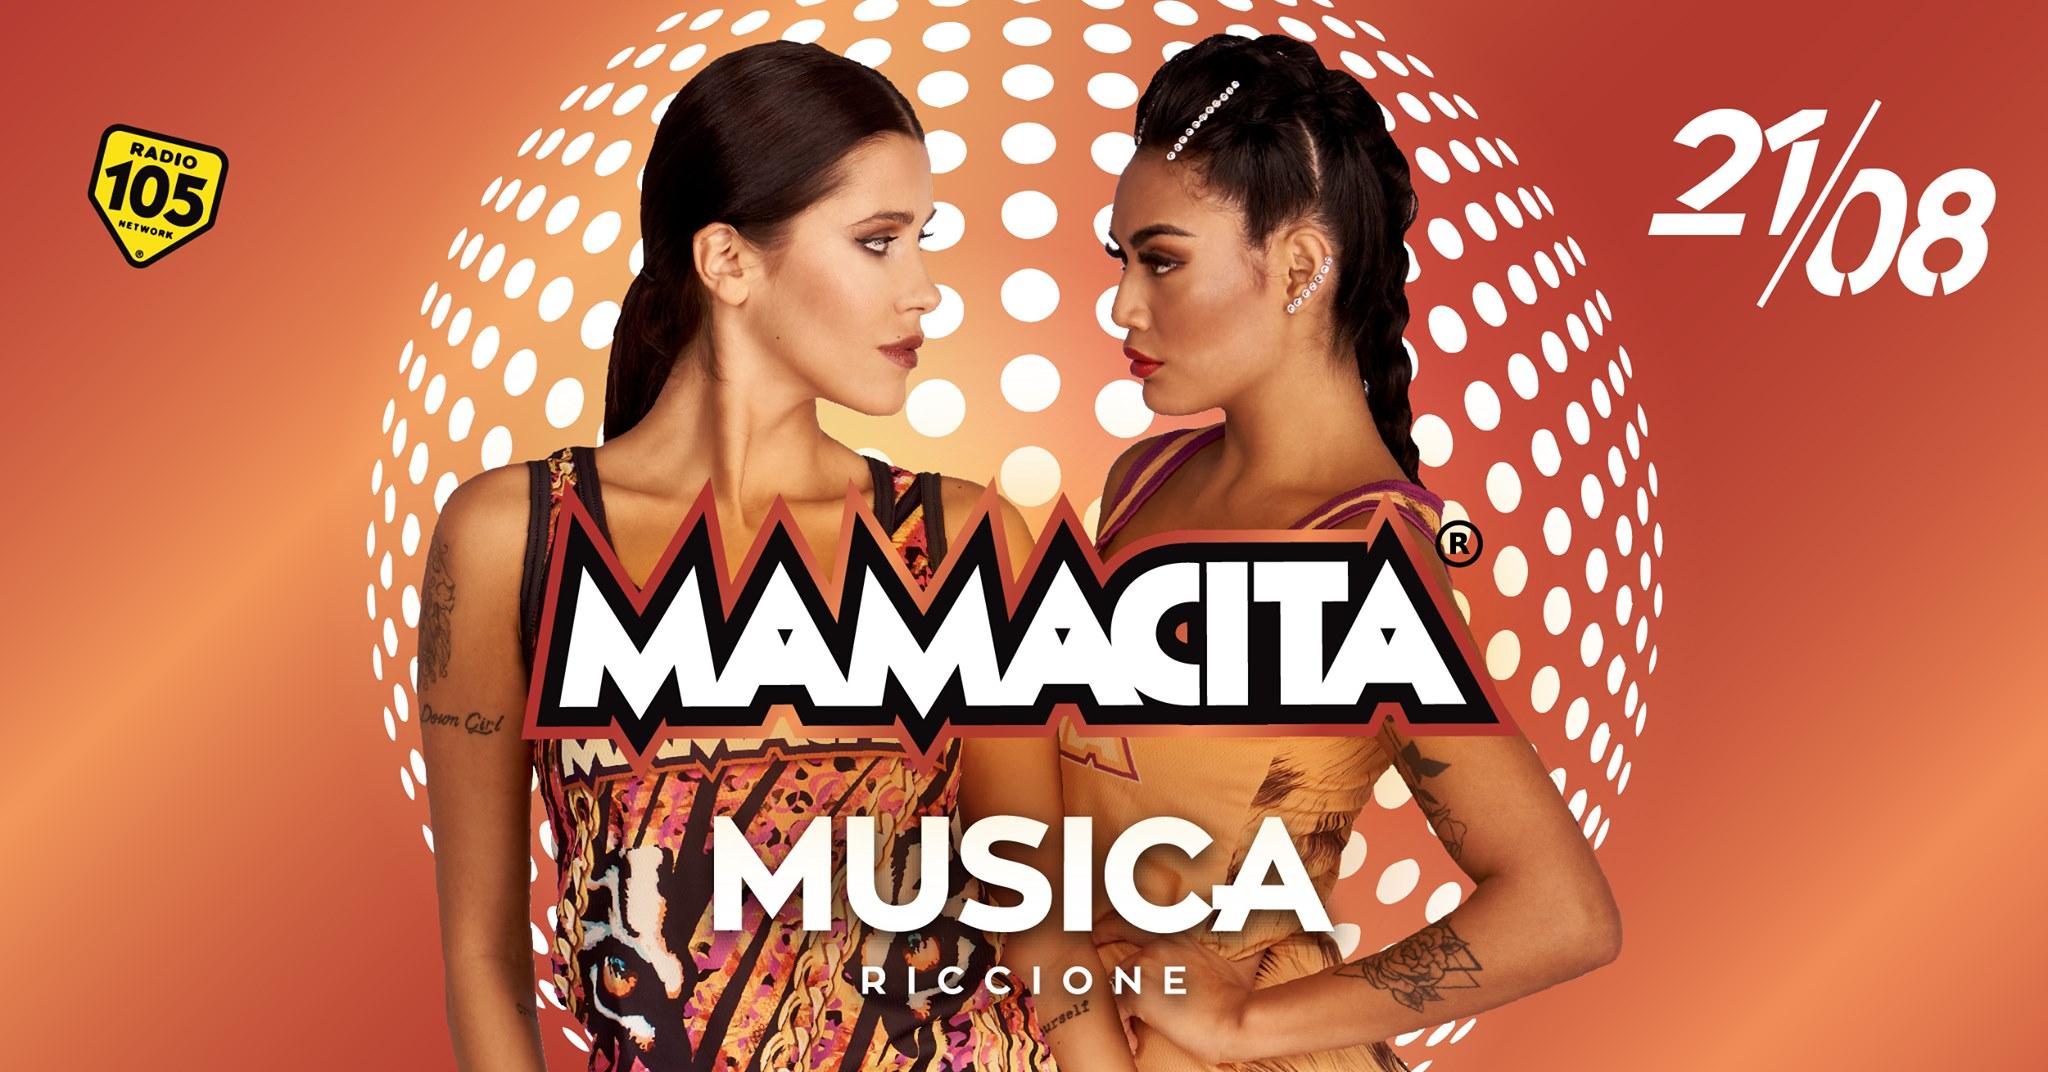 mamacita musica venerdì 21 agosto